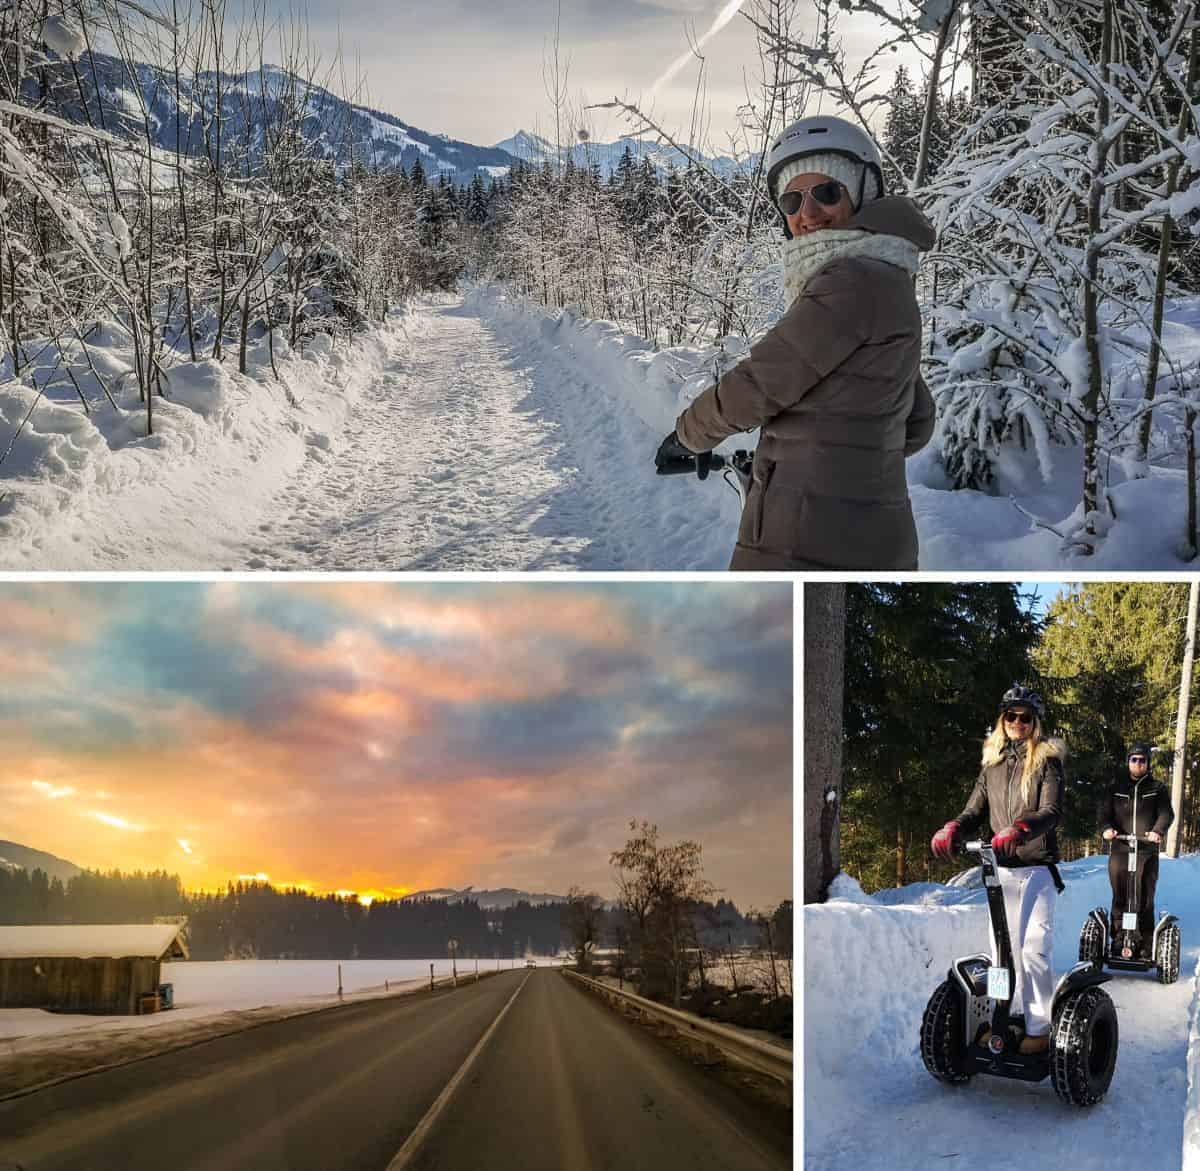 Segway Fahrer auf tief verschneitem Wanderweg